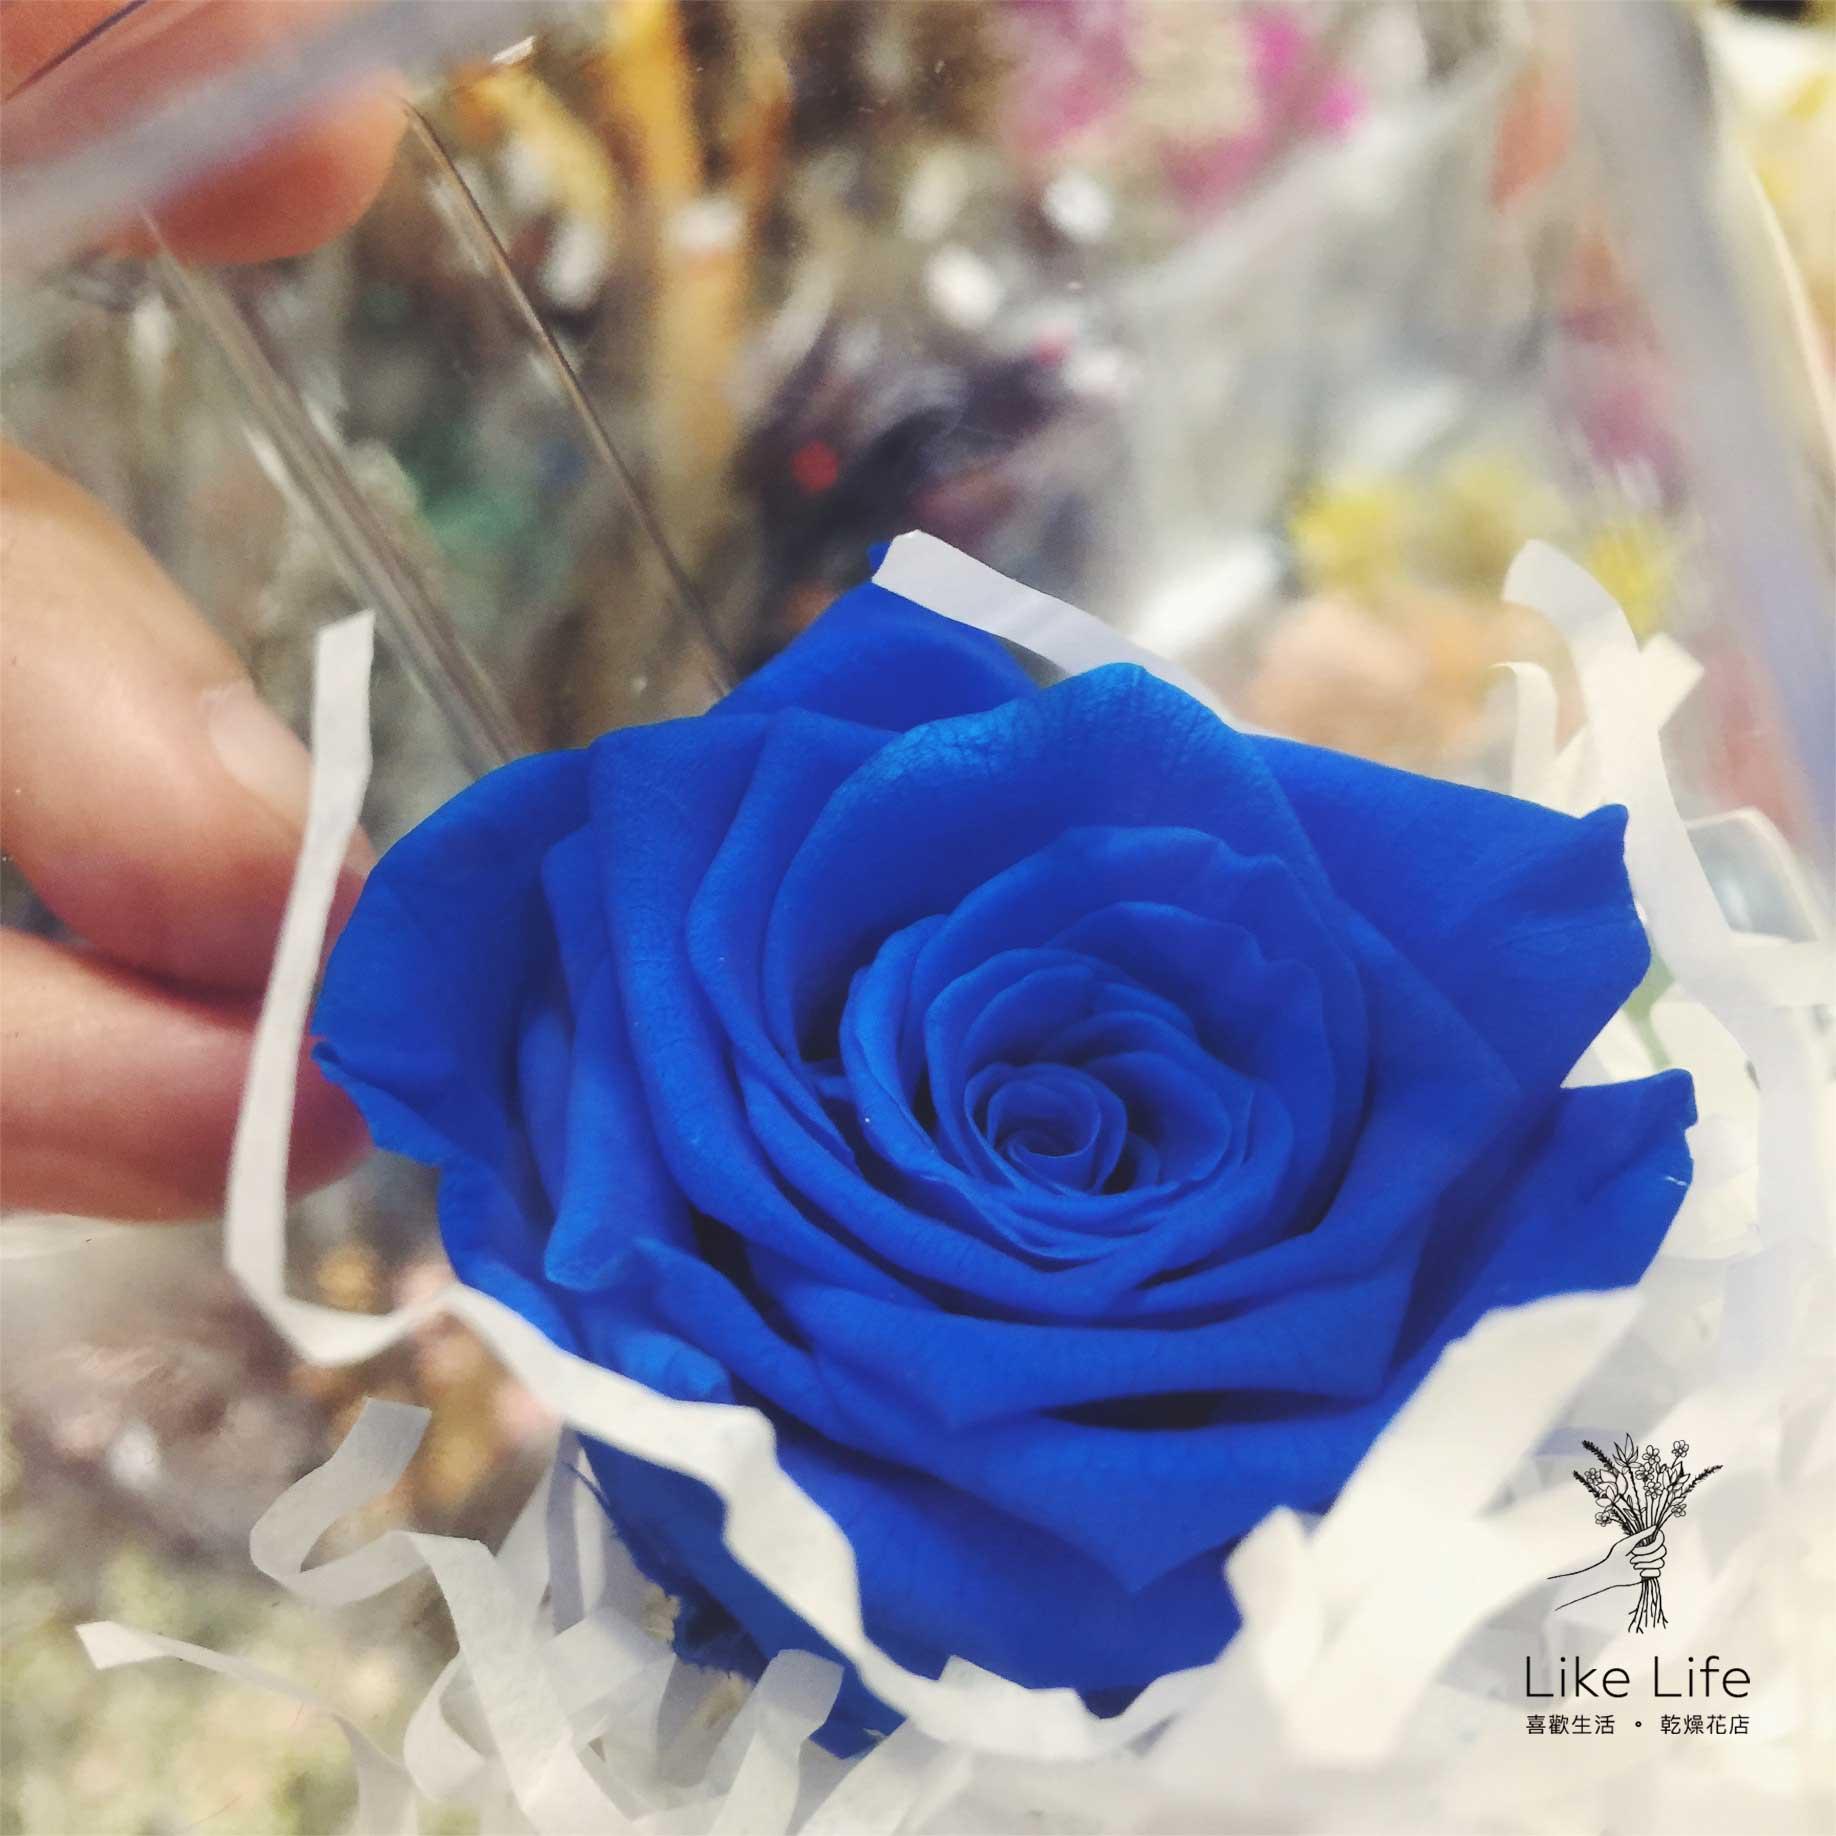 藍色永生玫瑰花,藍色永生花玫瑰,永生玫瑰花藍色